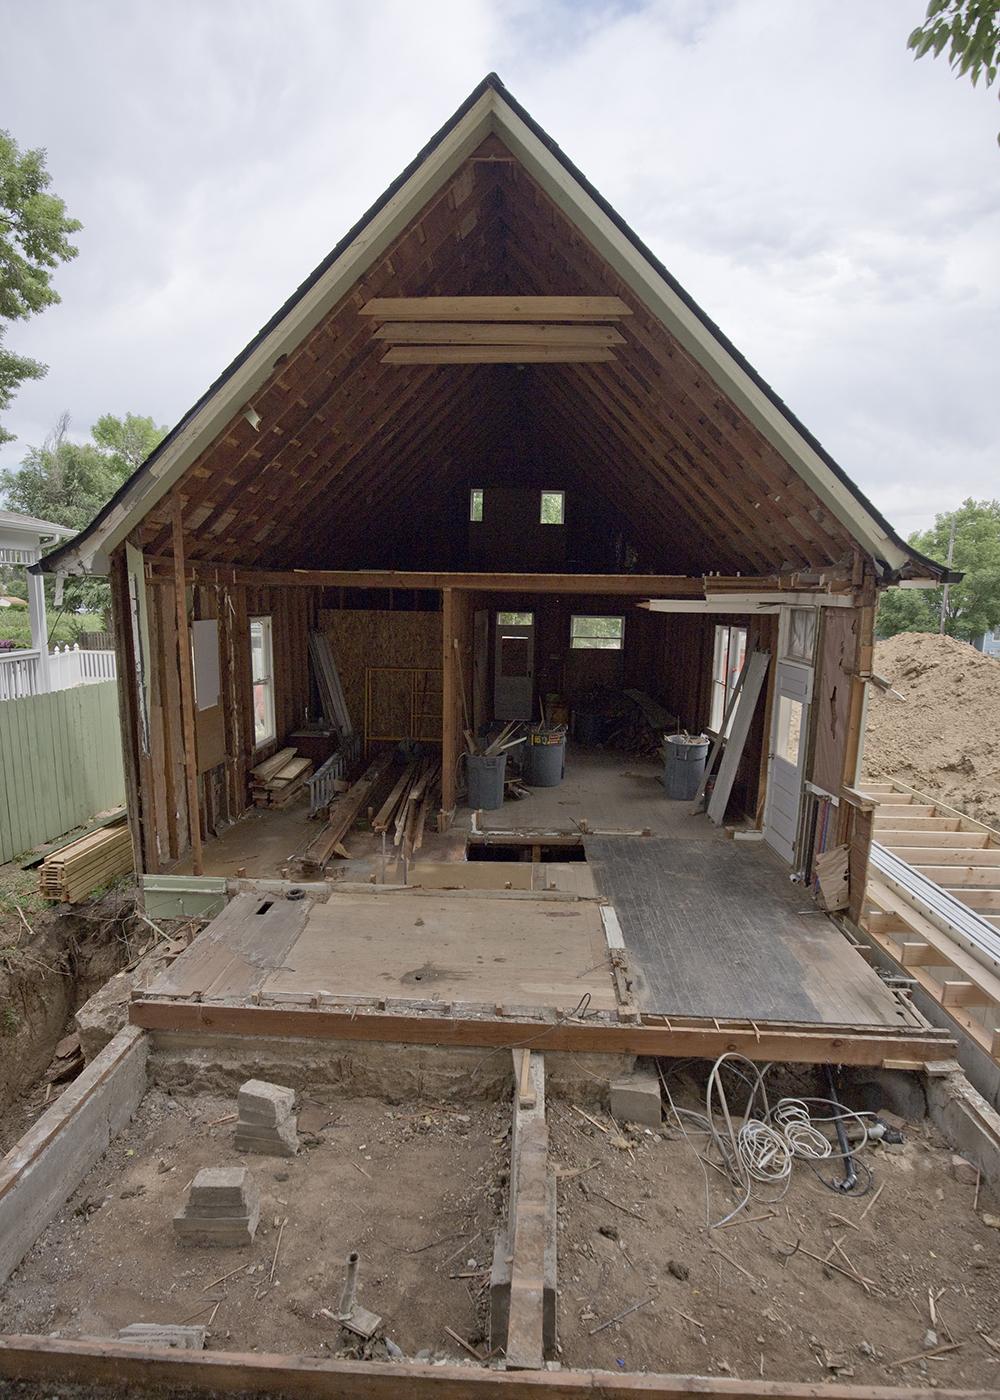 Original farmhouse rear view